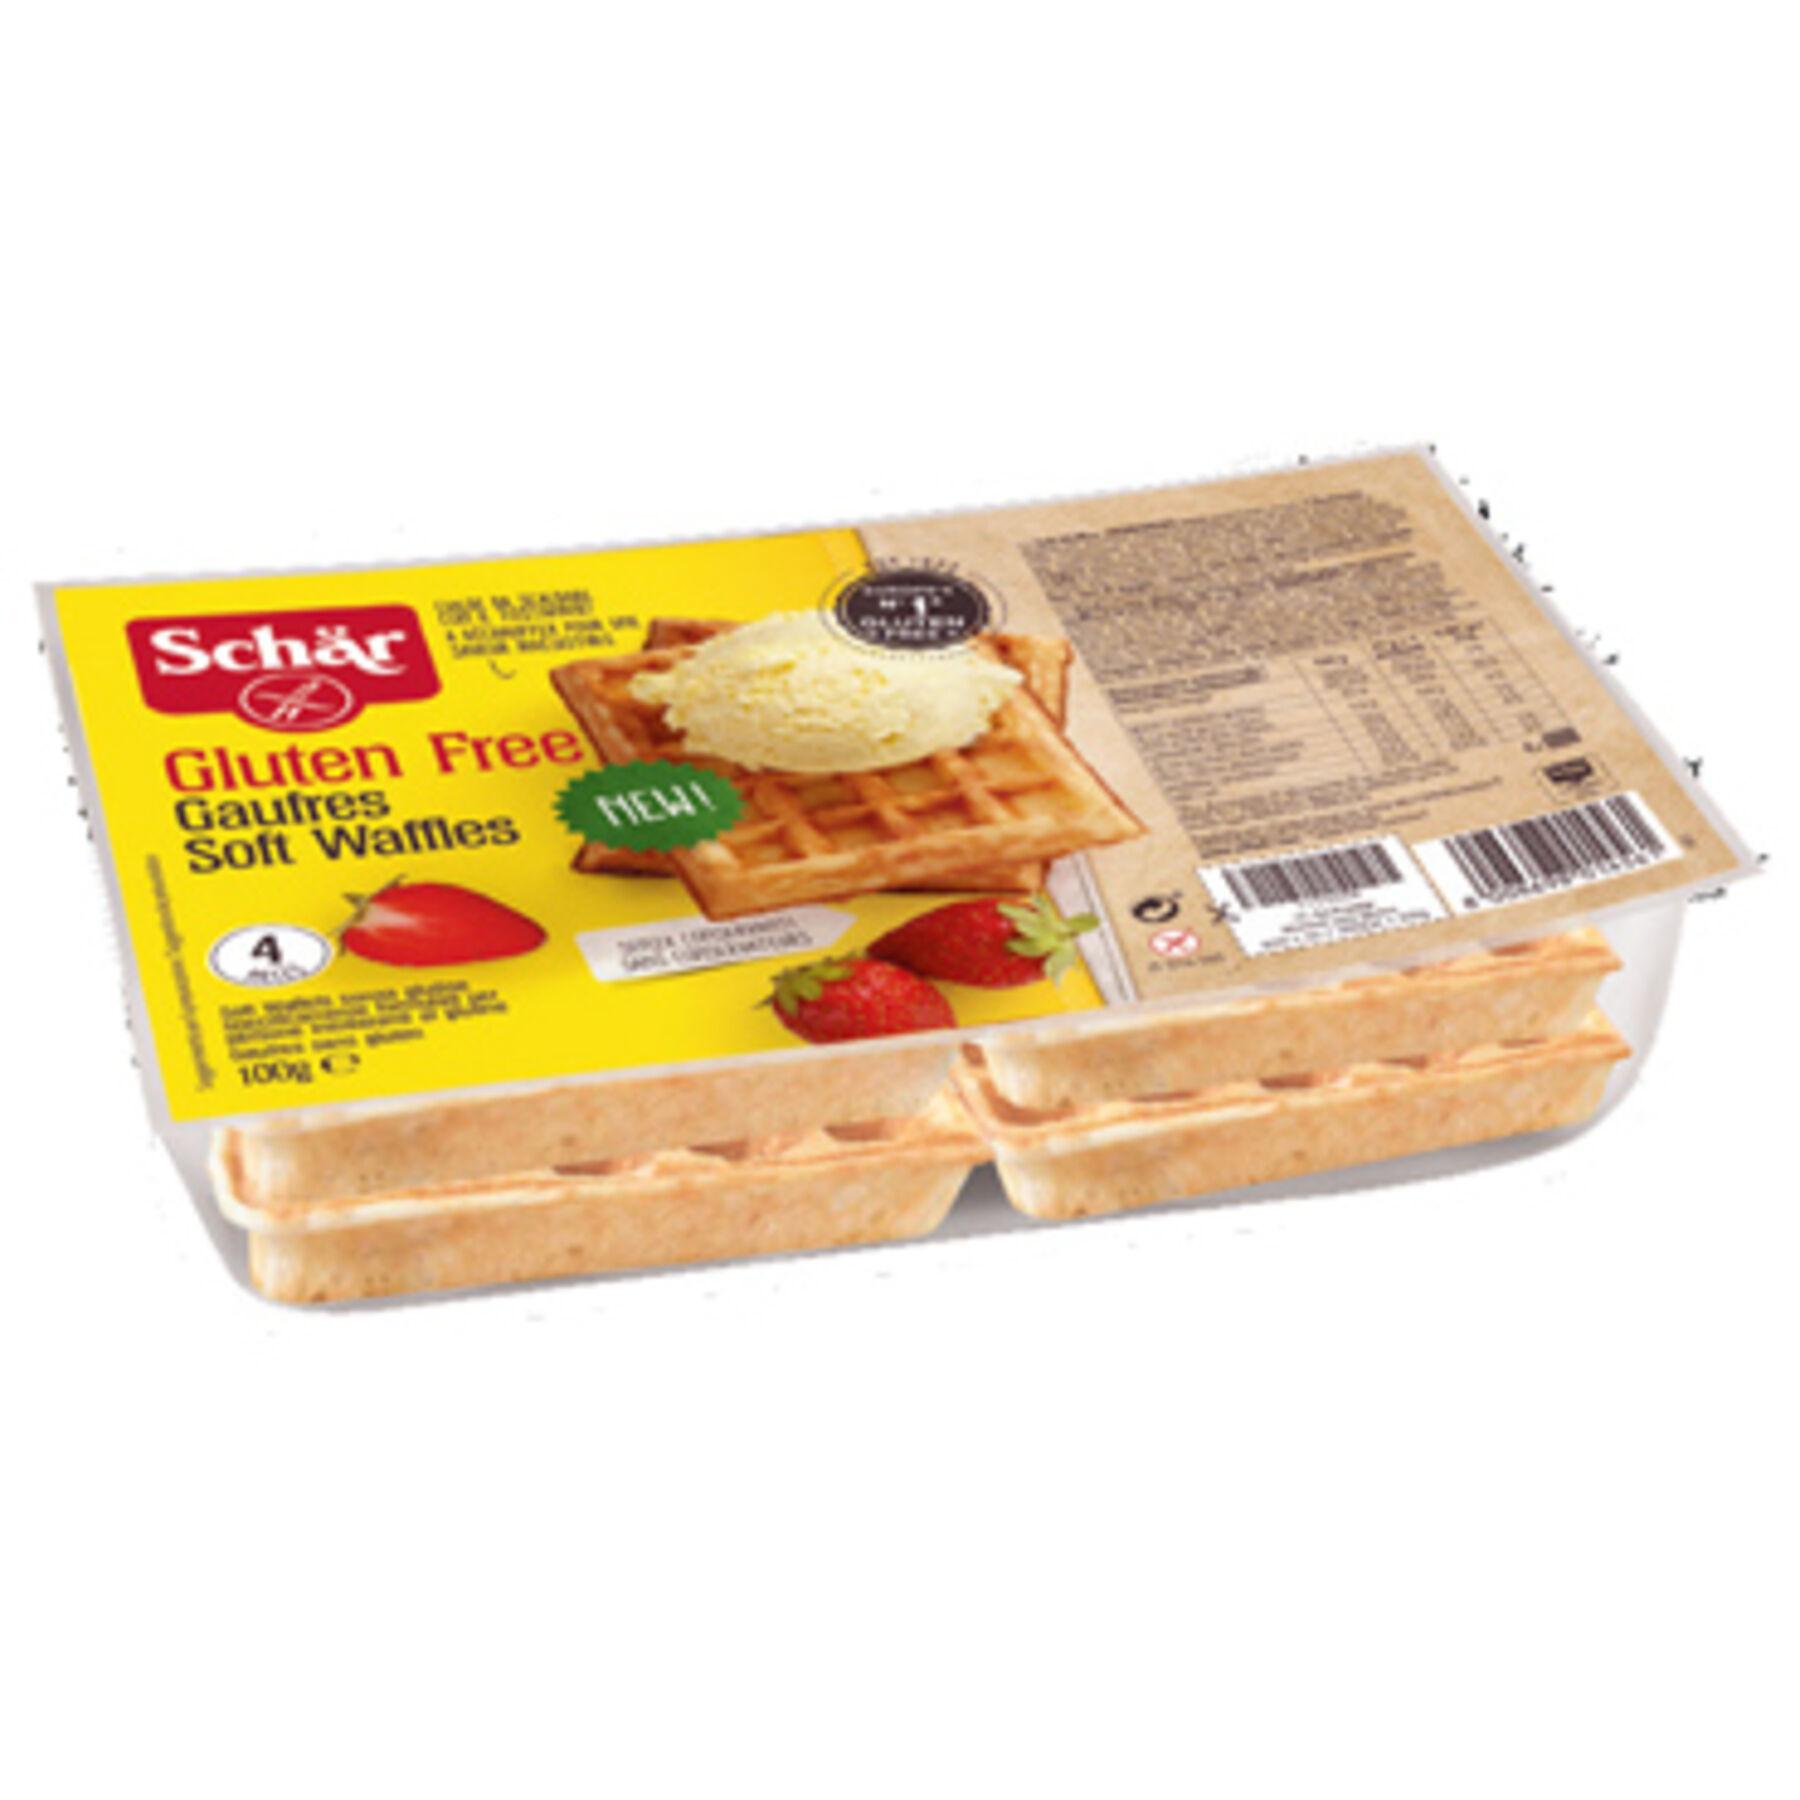 DR.SCHAR SpA Schar gaufre soft waffles 100 g